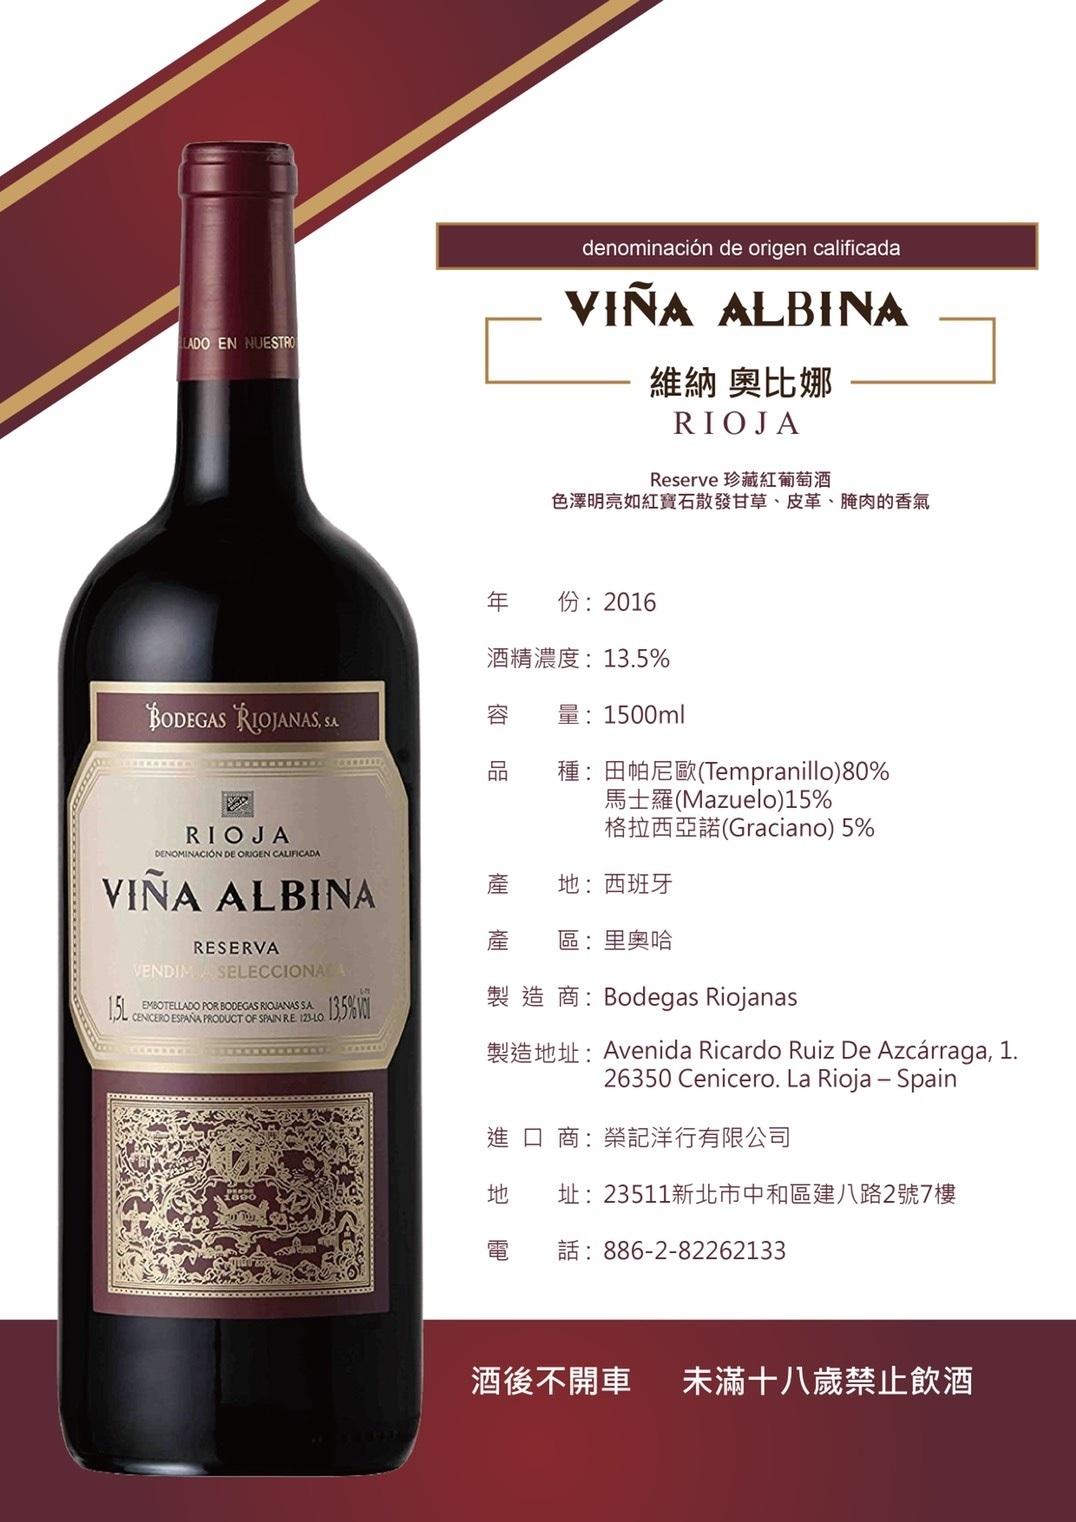 維納-奧比娜-酒莊珍藏-VIÑA-ALBINA